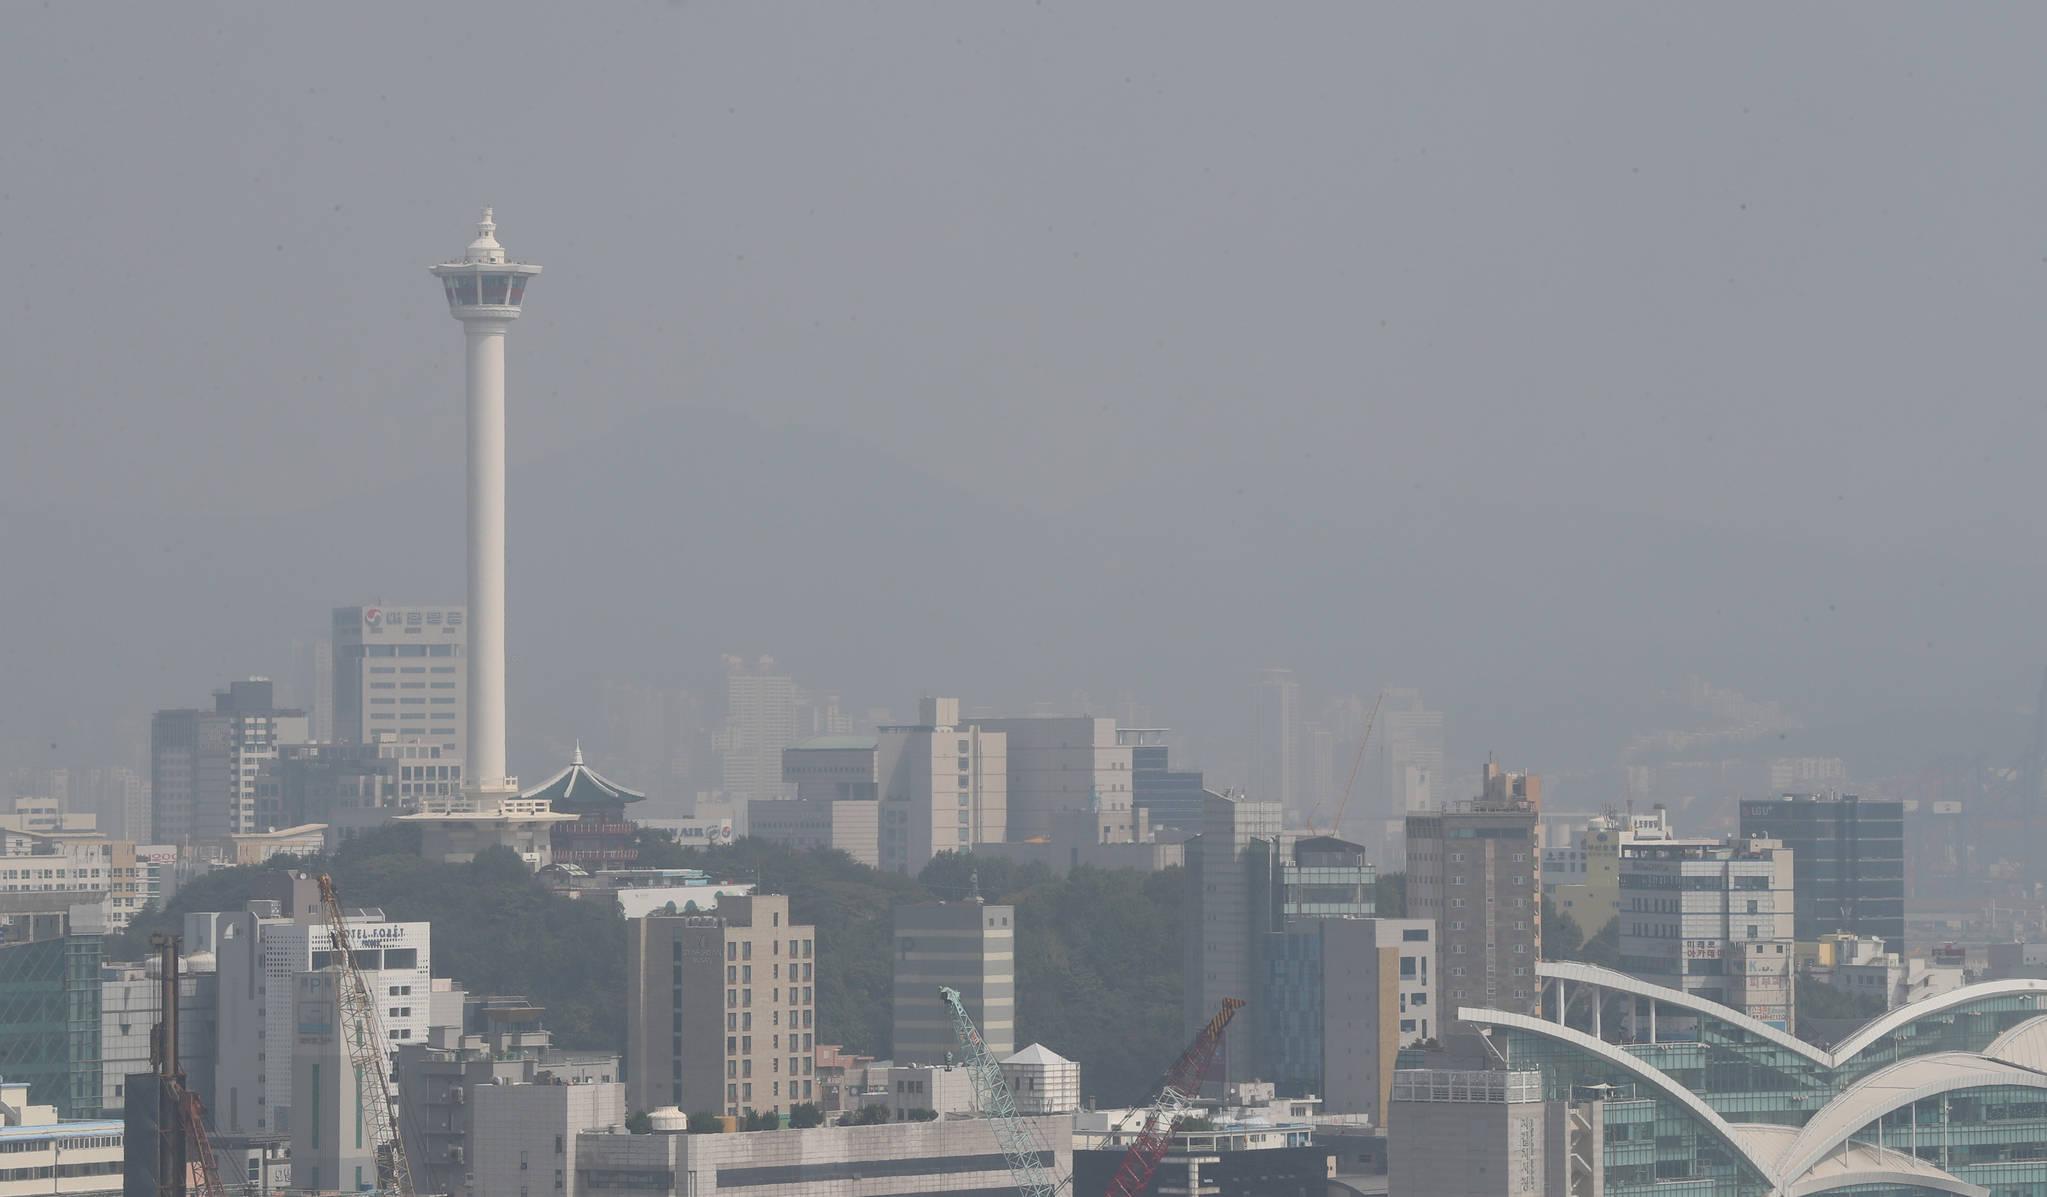 25일 부산 전역이 미세먼지 '나쁨' 수준인 가운데 부산 용두산공원 부산타워 주변이 뿌옇다. [연합뉴스]